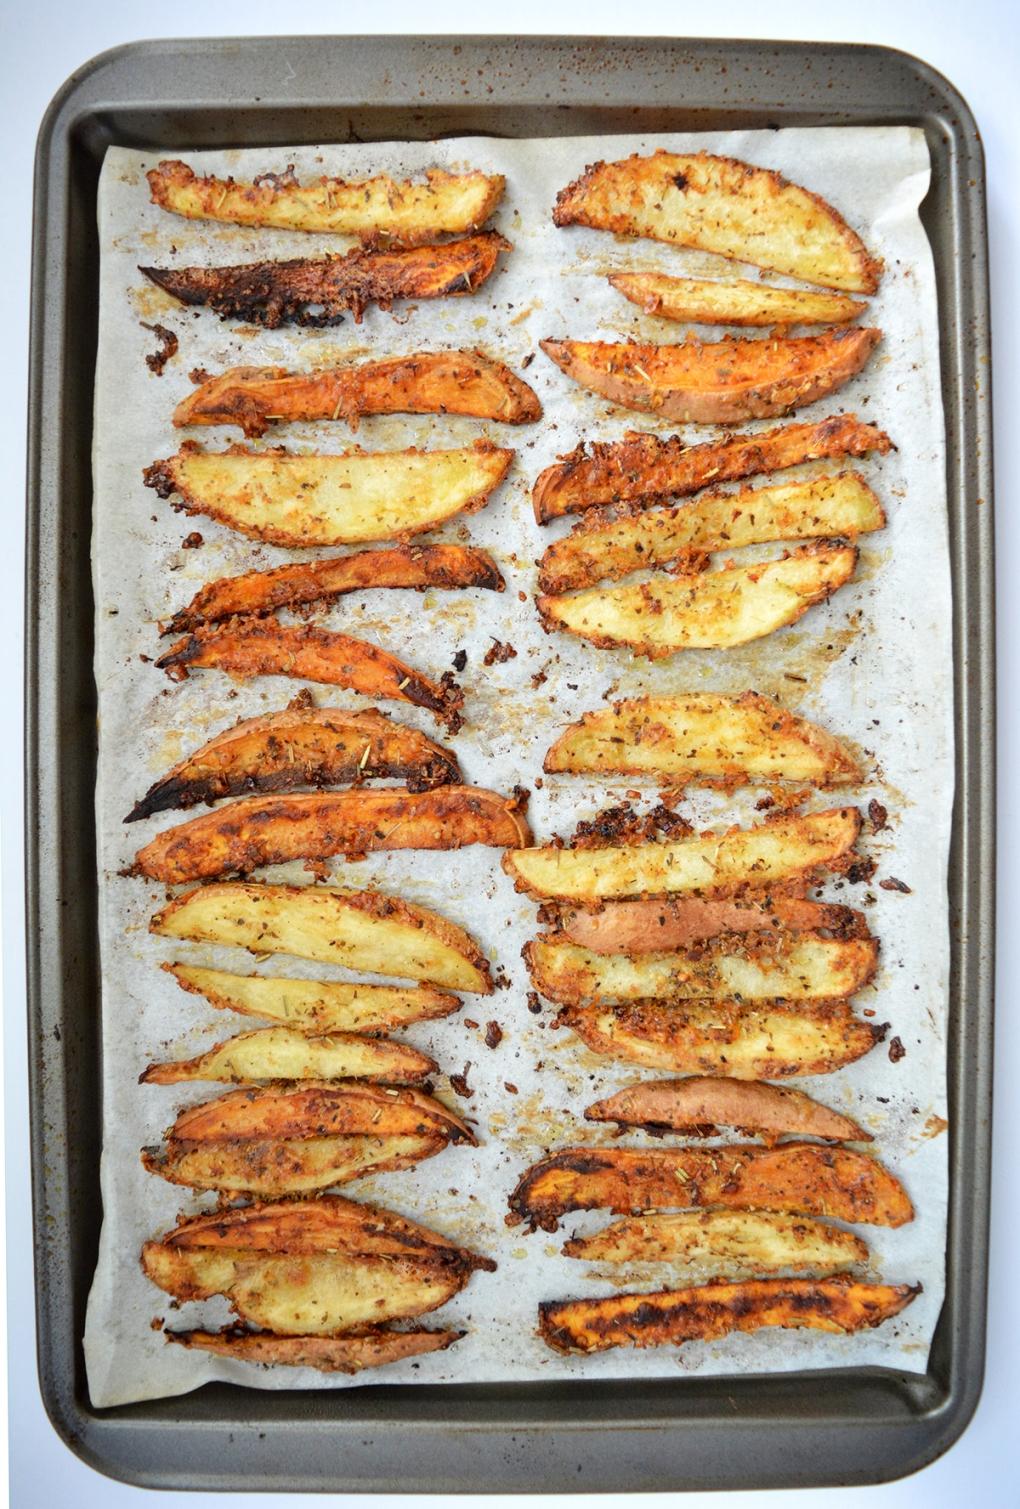 pétates frites au parmesan après